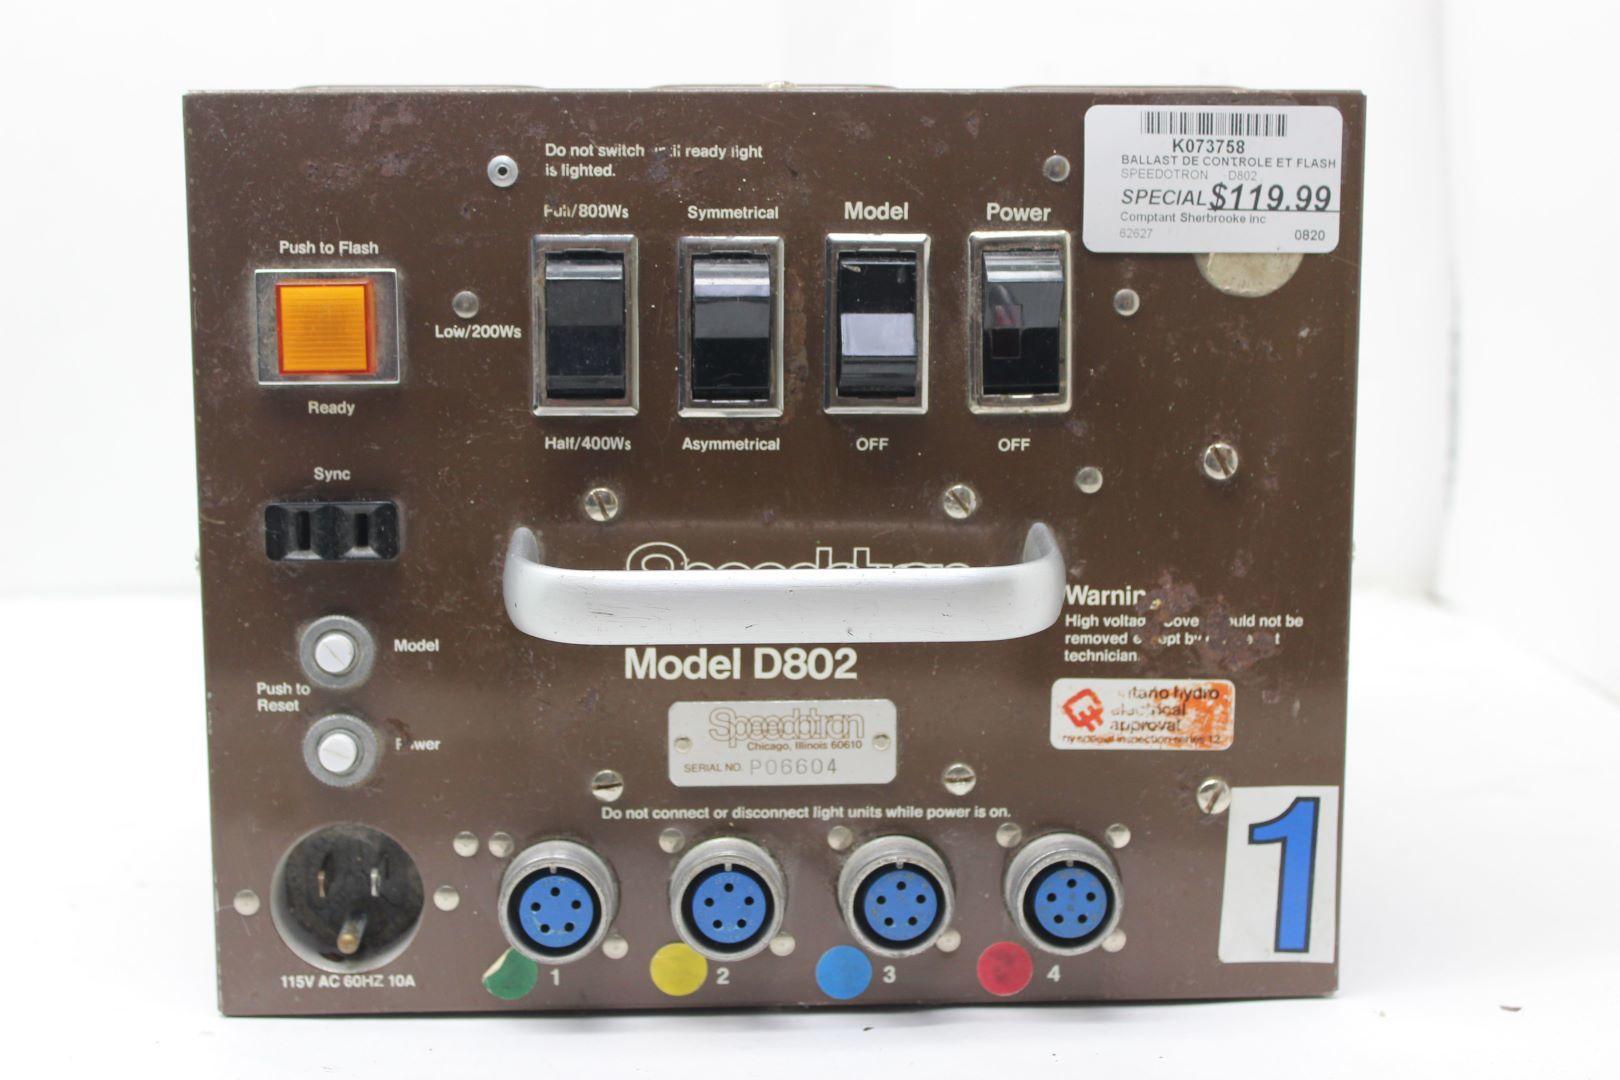 BF4DC8E1-6E50-294D-8E0C-51C861406199_2.png